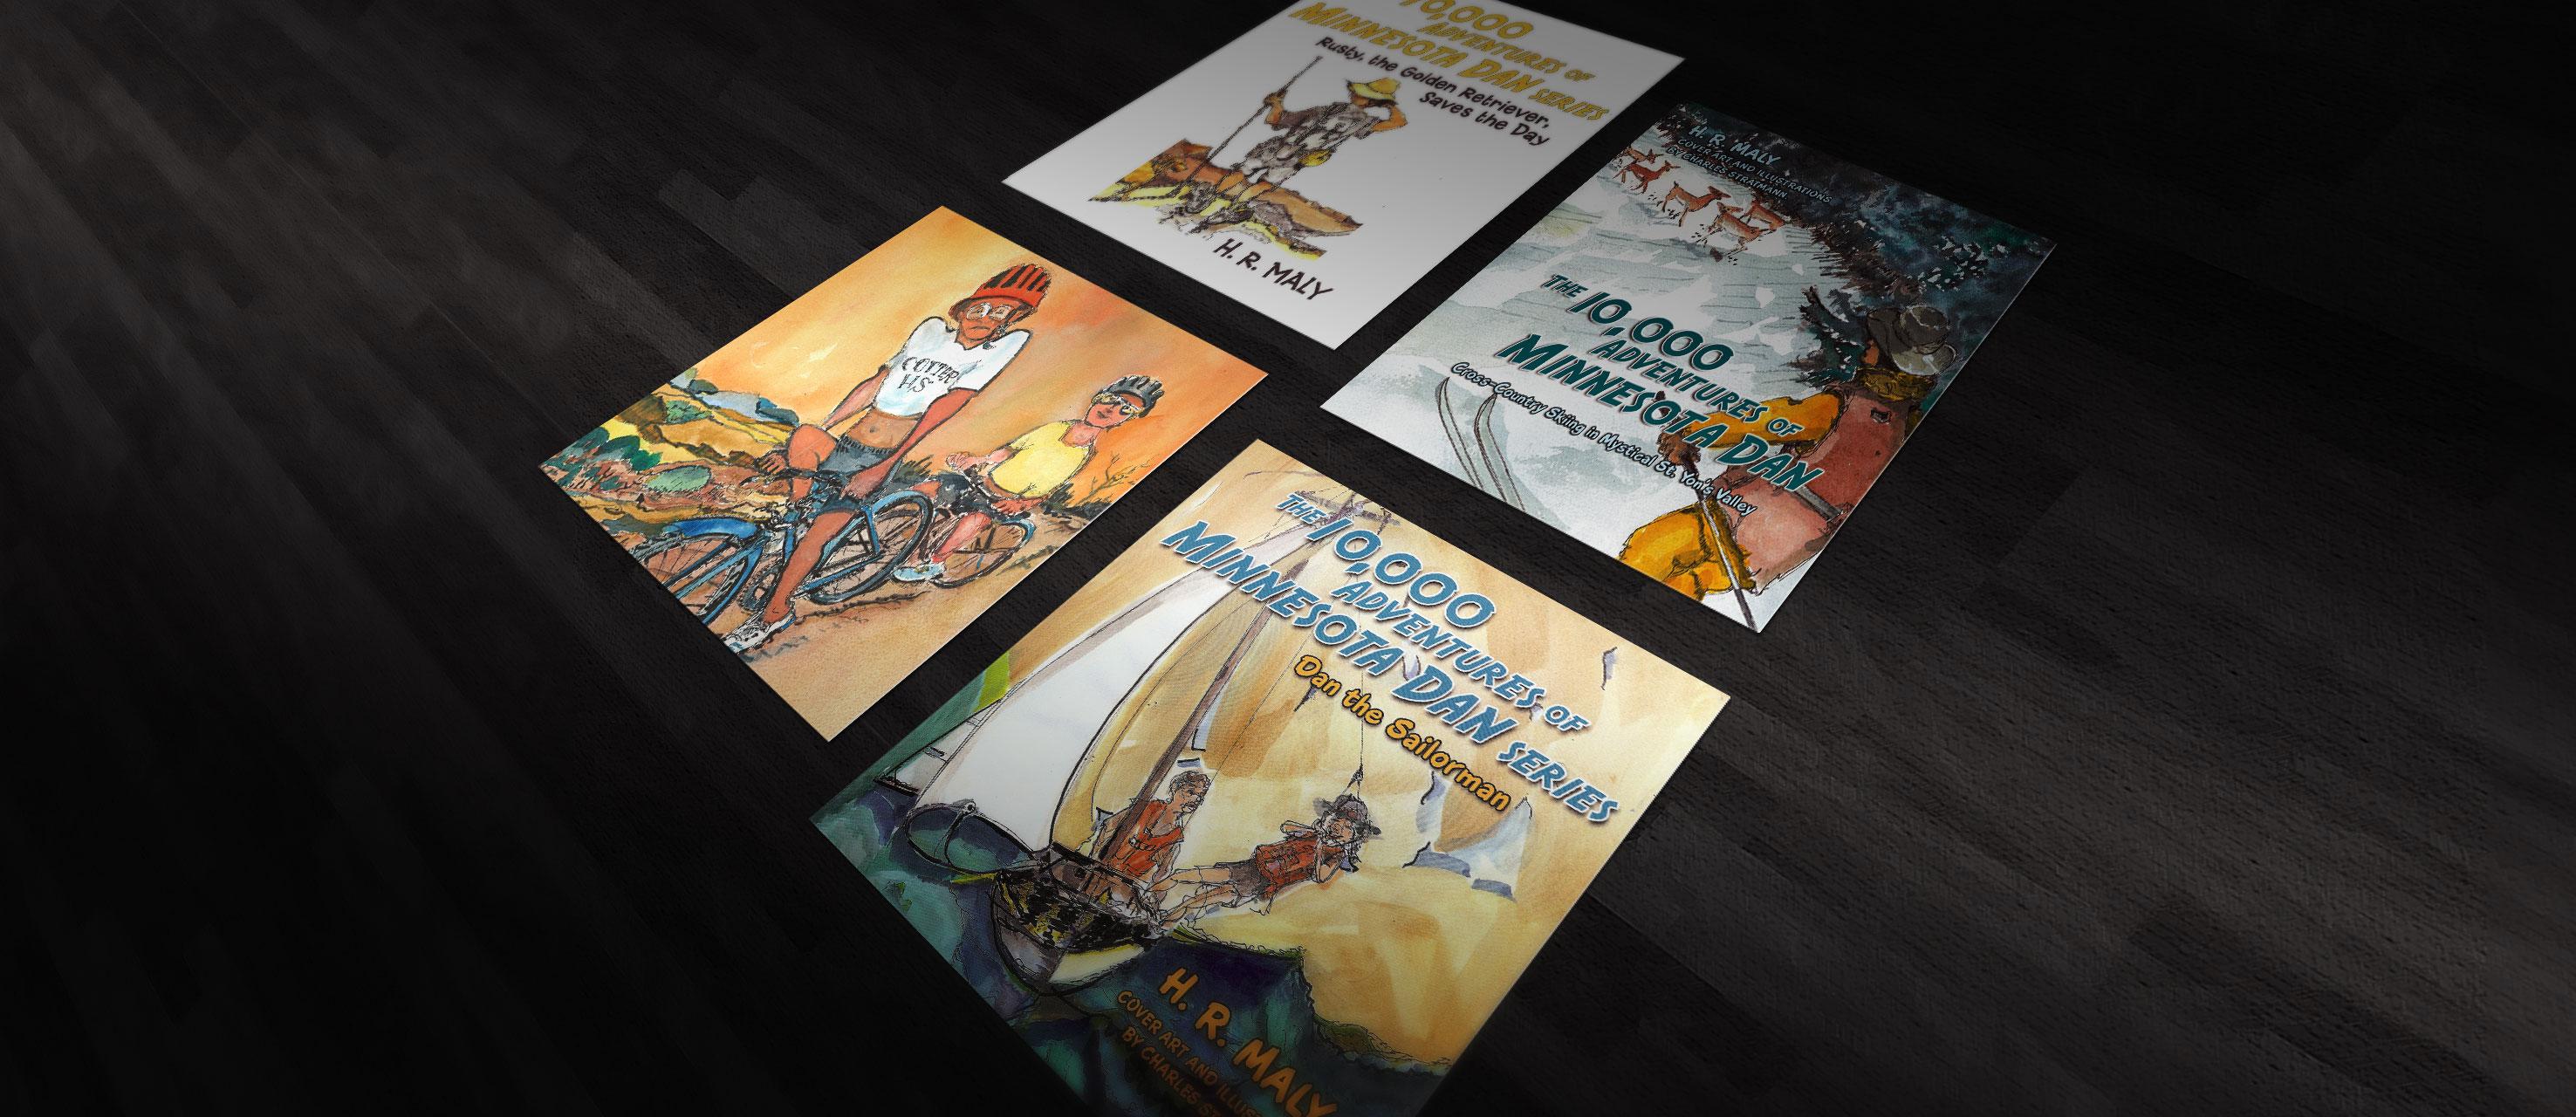 Book-Covers_Flat-2.jpg